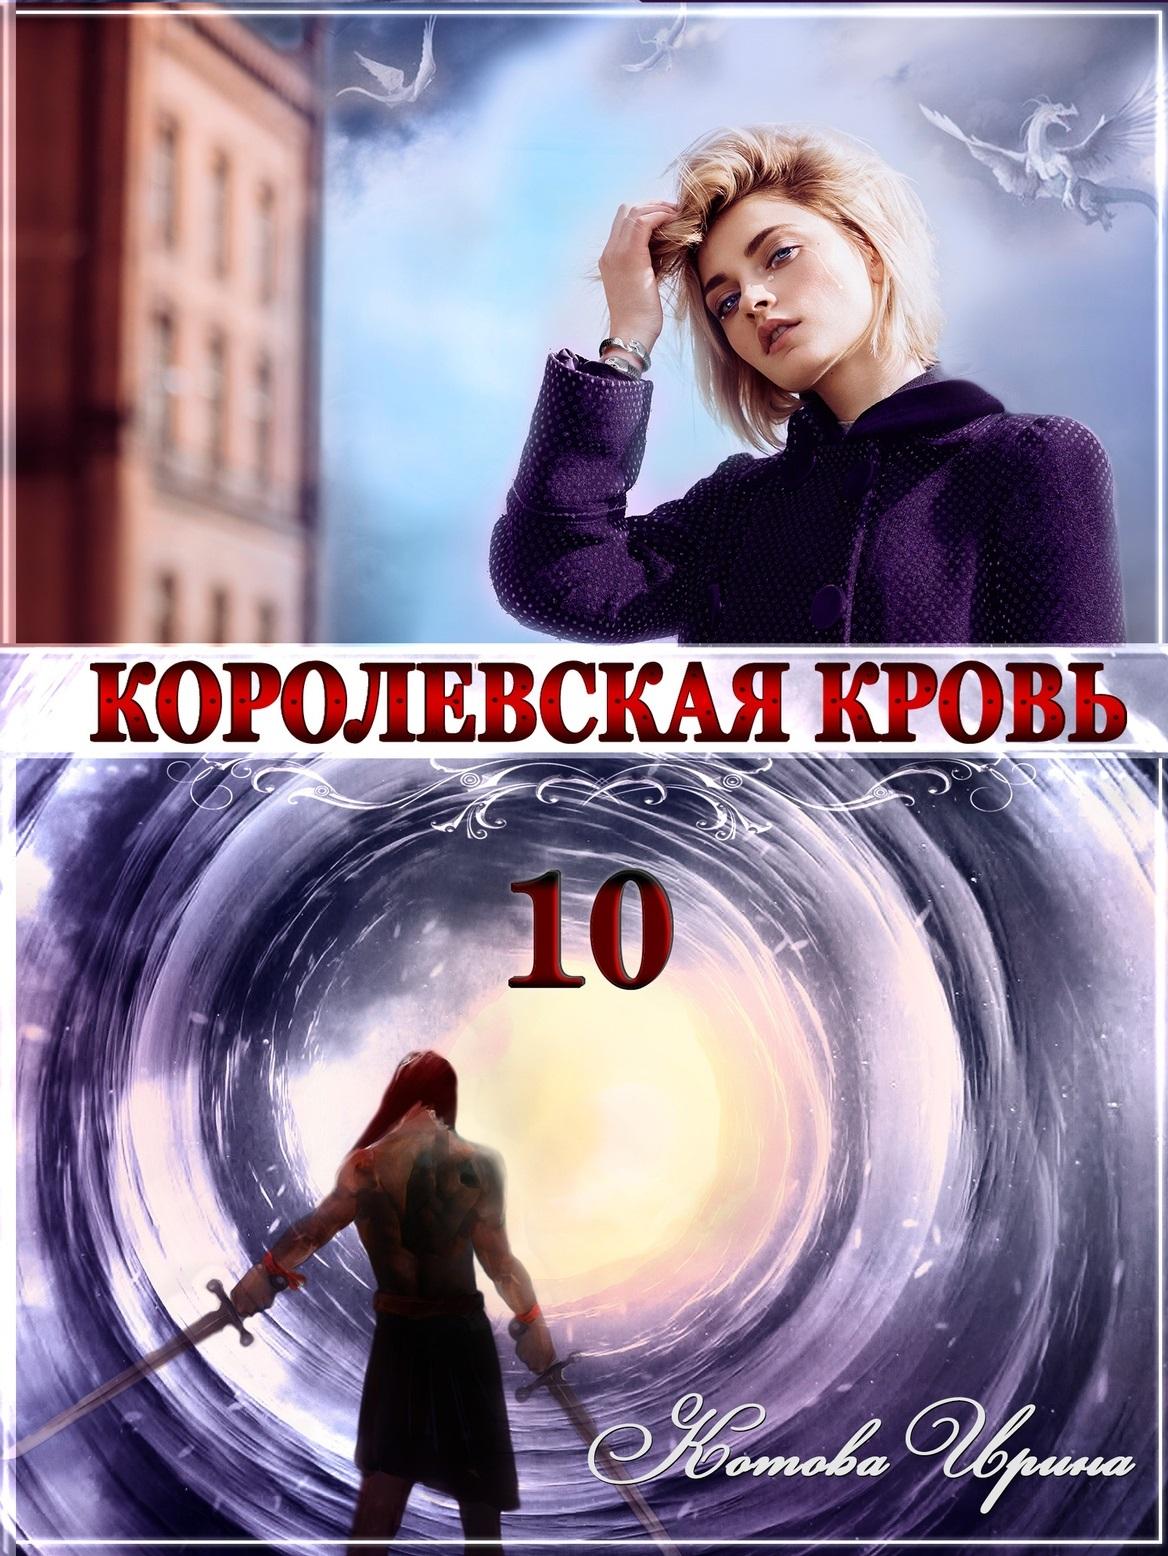 Дама Размялась С Водилой